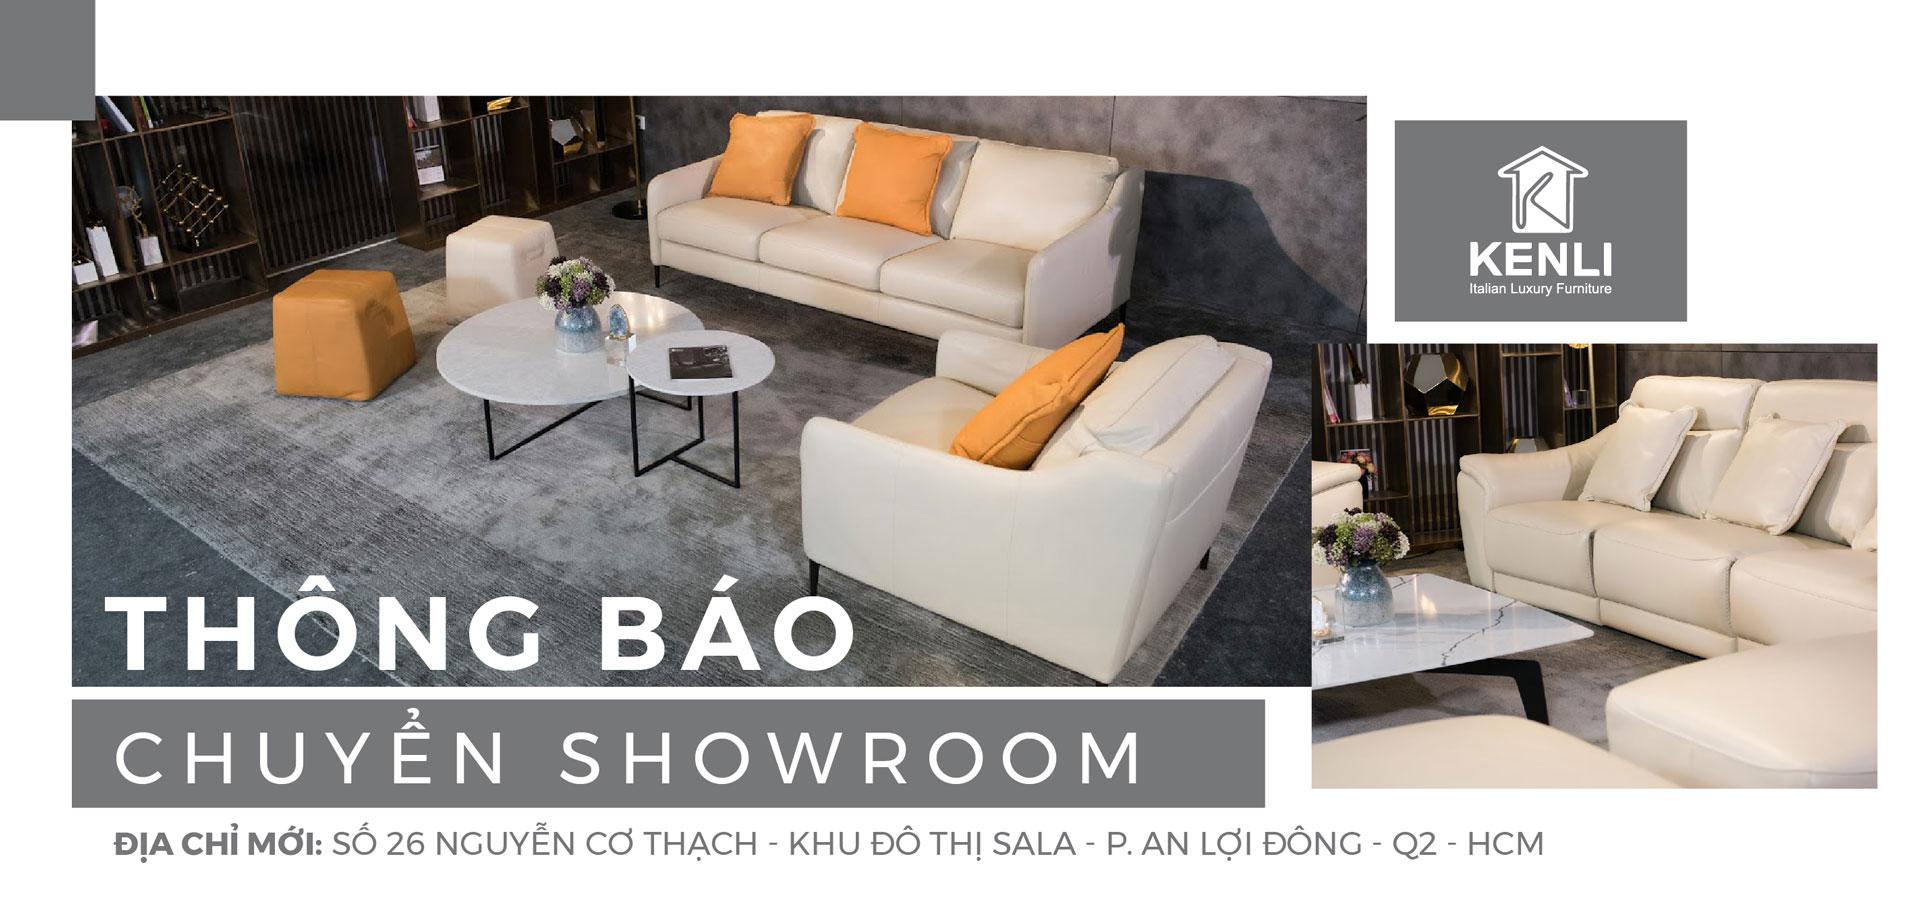 Thông báo chuyển showroom Hồ Chí Minh